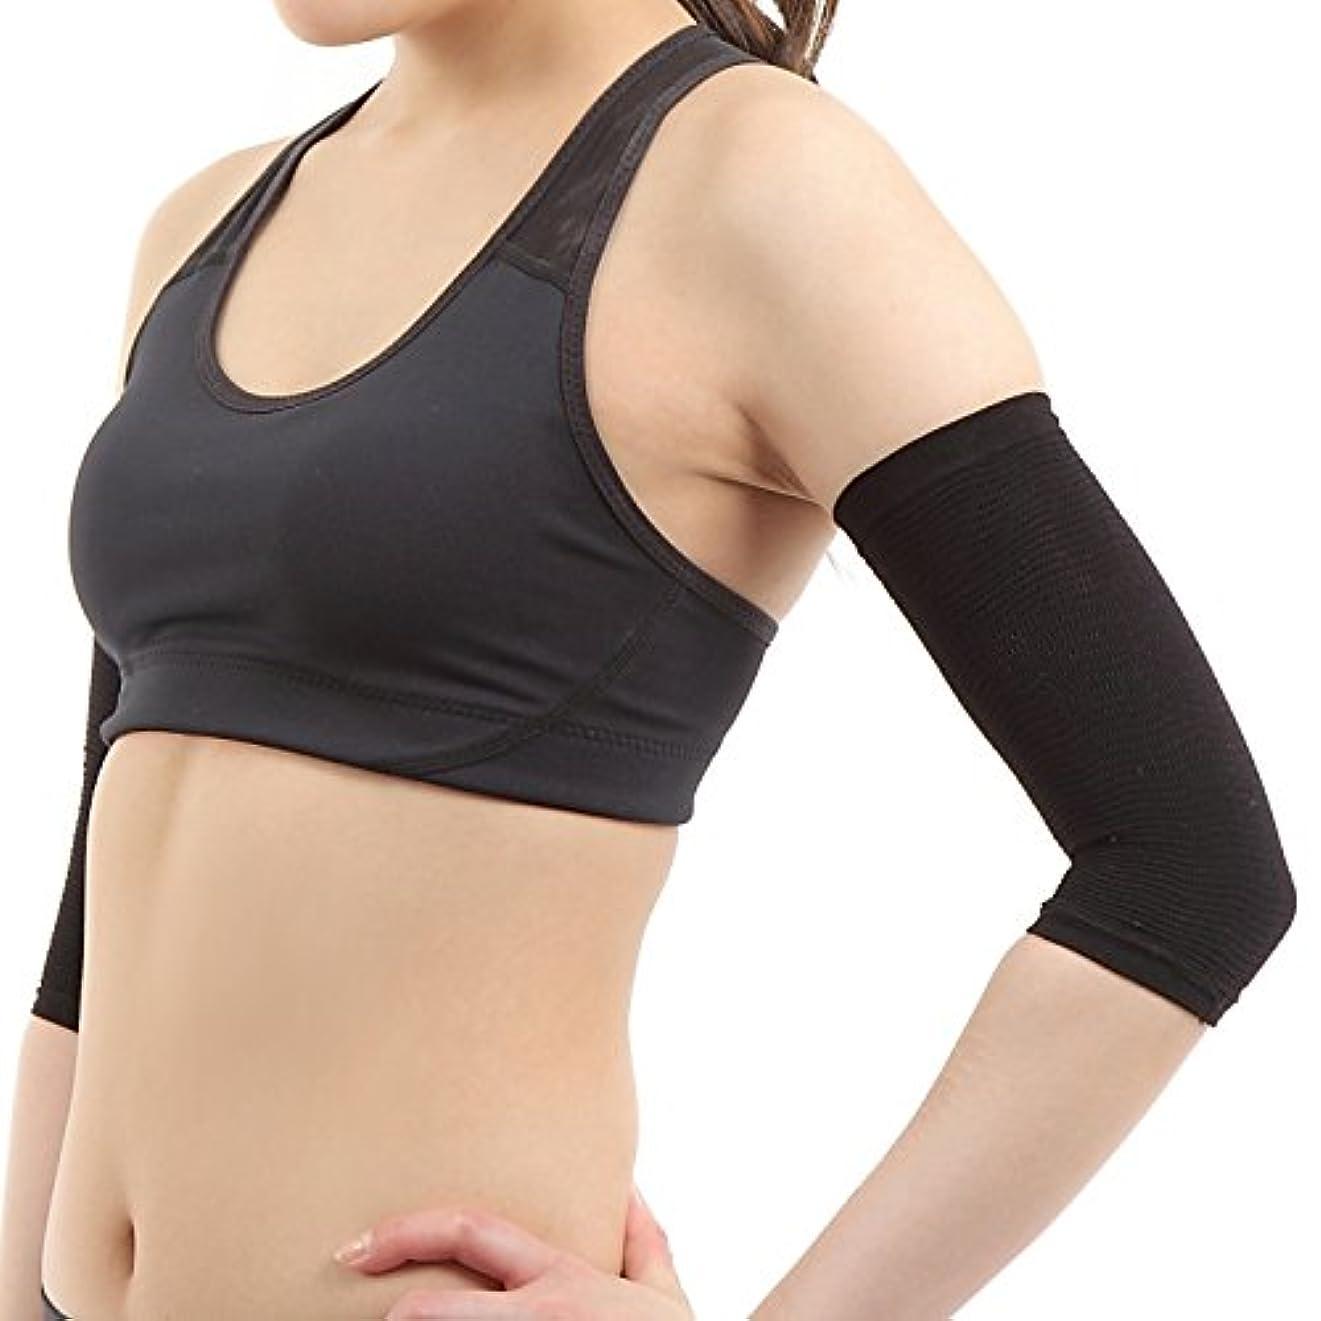 ヘッドレスひらめきシンプルさSPORTIA 二の腕シェイパー 二の腕サポーター ダイエット ゲルマニウム配合 (2枚1組) レディース ブラック